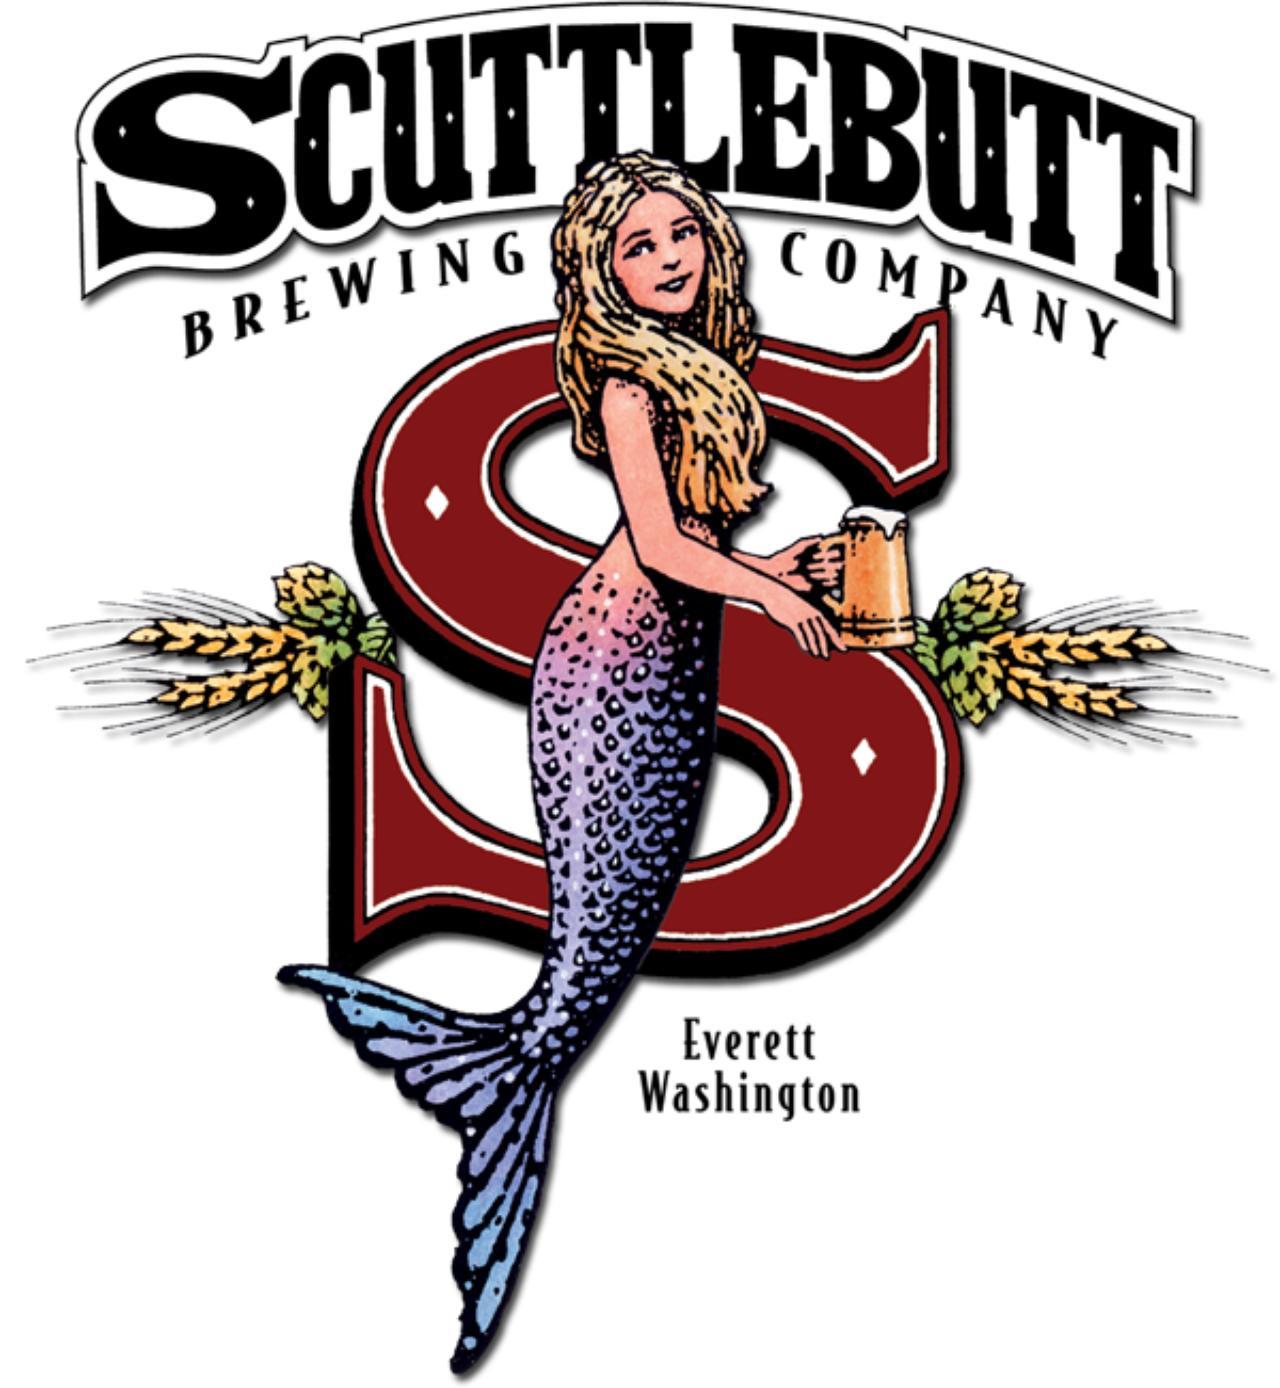 画像: ScuttleButt Brewing Co